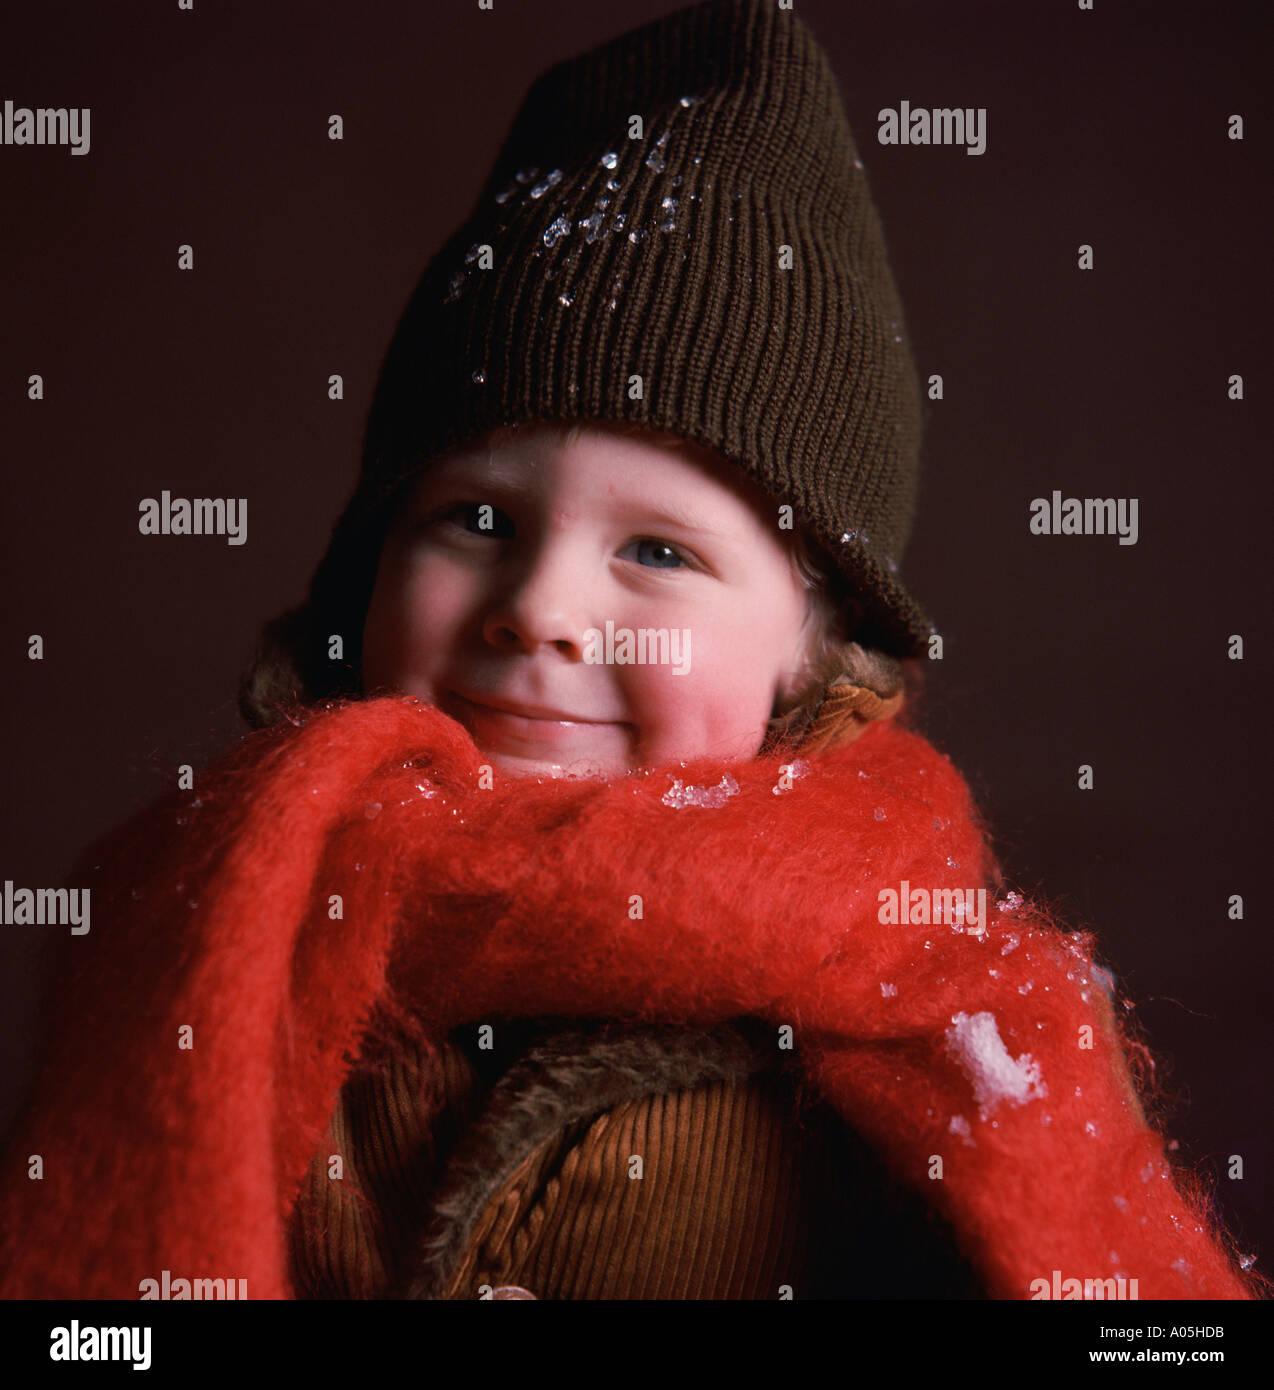 Nahaufnahme eines jungen tragen eine Wintermütze und einen großen roten Schal mit einige Schneeflocken auf ihn Stockfoto